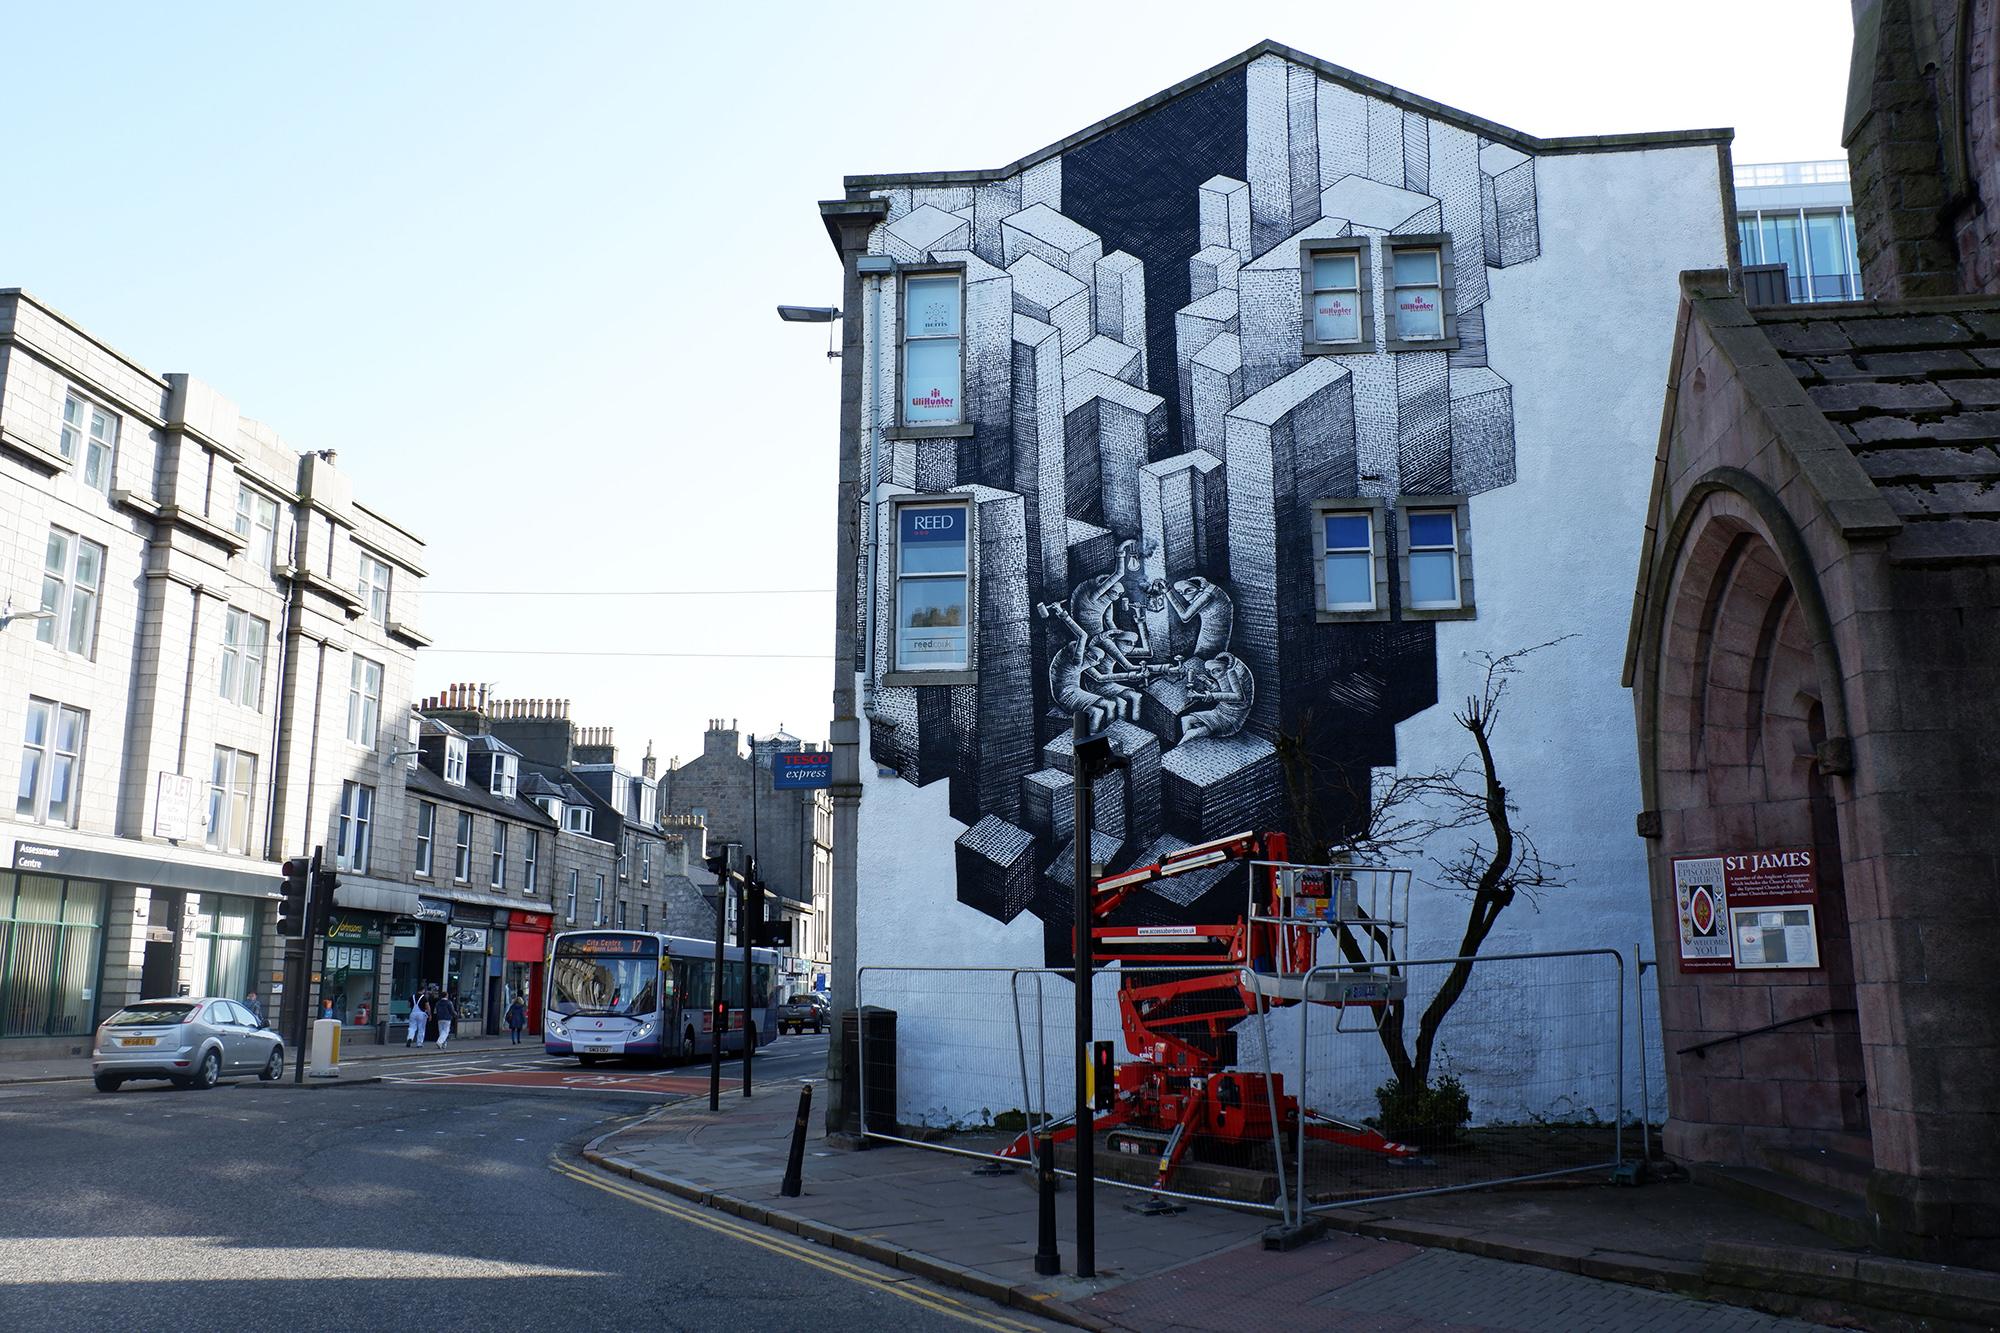 Phlegm Aberdeen street art Nuart Aberdeen